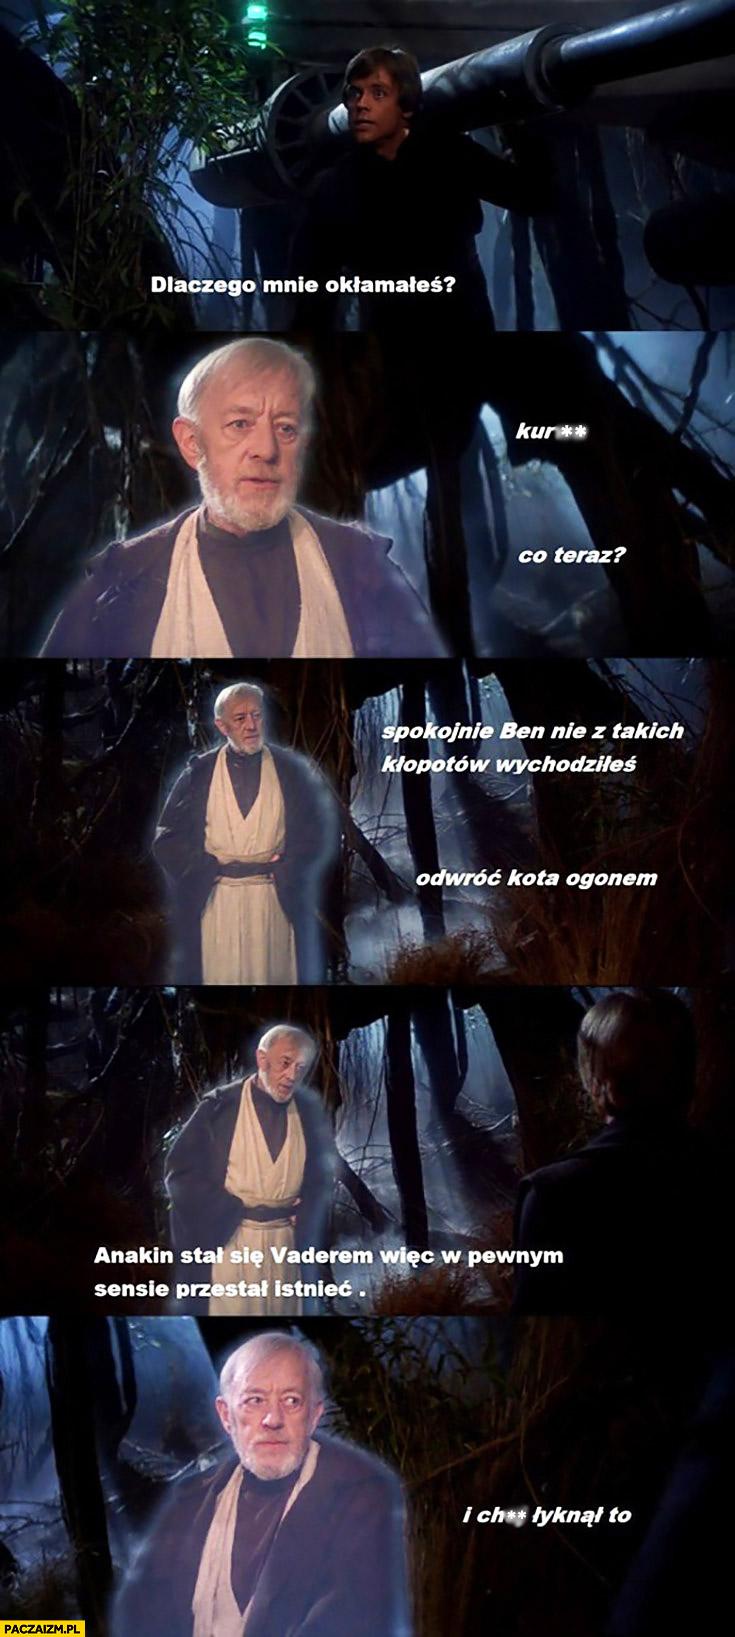 Dlaczego mnie okłamałeś? Nie z takich kłopotów wychodziłeś, Anakin stał się Vaderem więc w pewnym sensie przestał istnieć, łyknął to Luke Skywalker Obi-Wan Kenobi